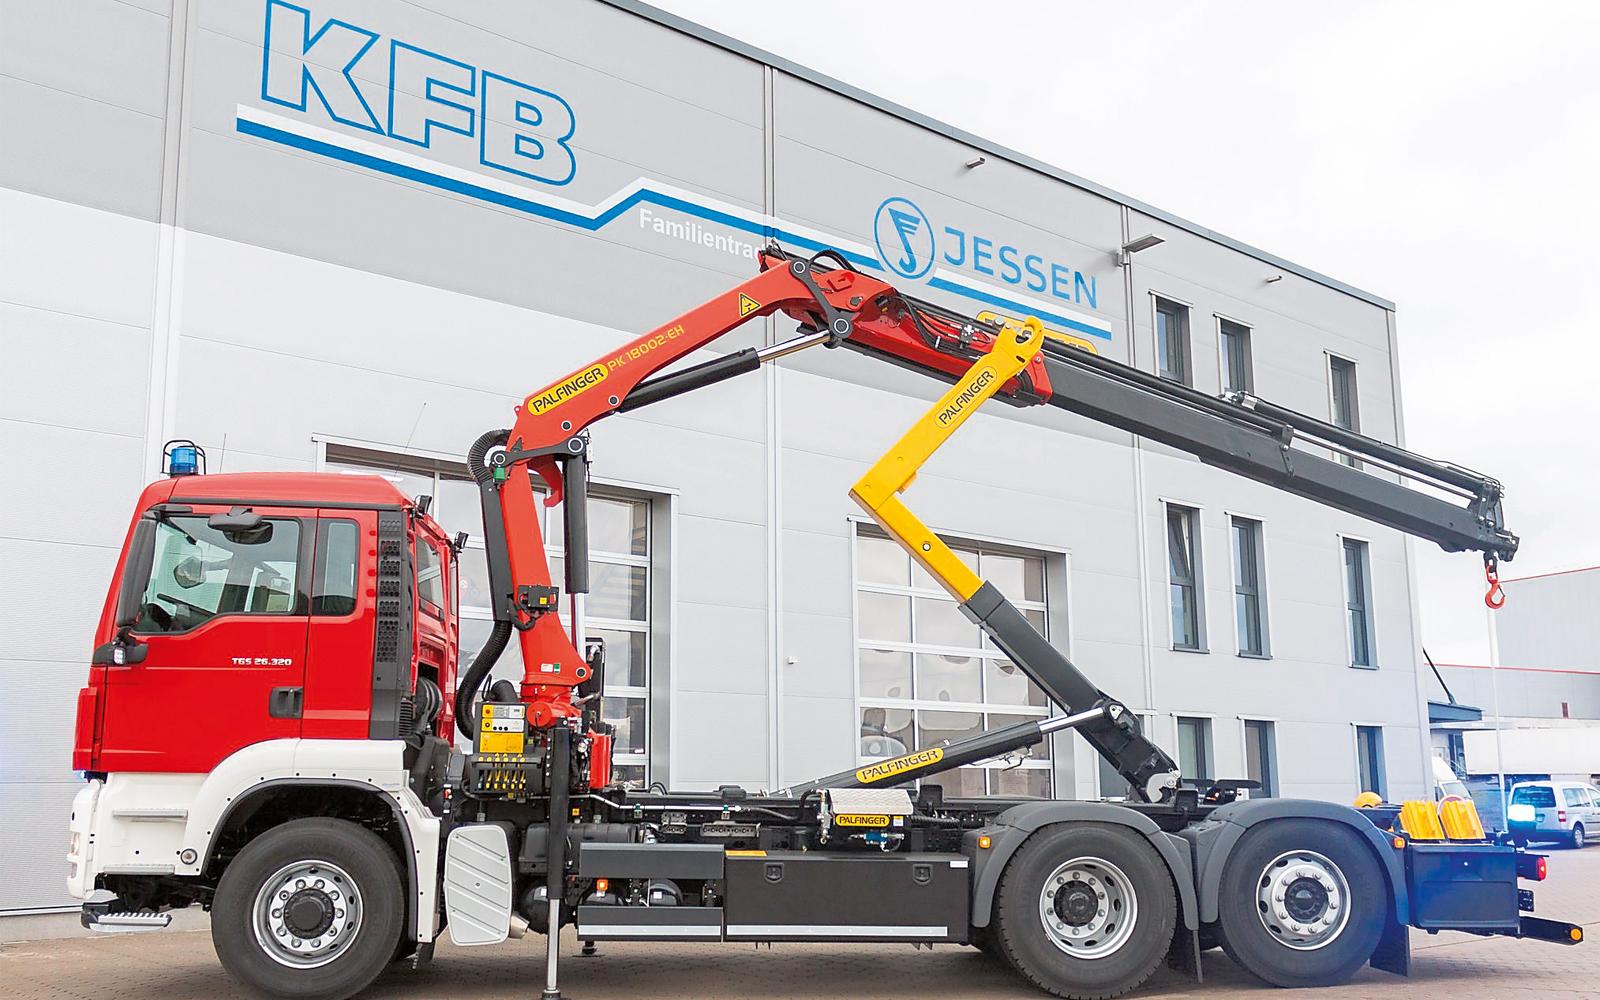 Kranaufbauten aller Größenordnungen sind ein Spezialgebiet von KFB Jessen.